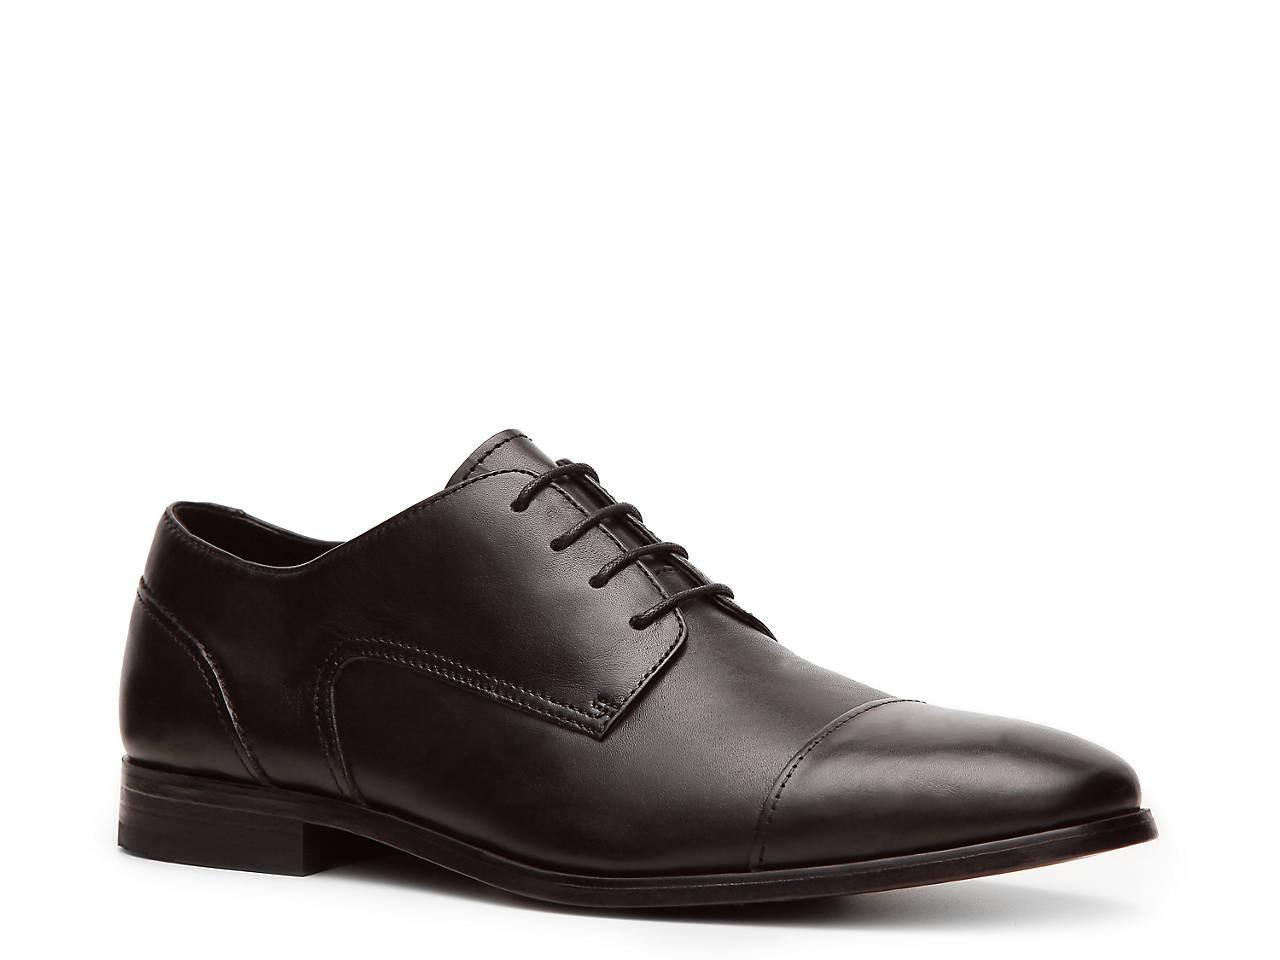 a417ace1ab49 Florsheim Stance Cap Toe Oxford Men s Shoes